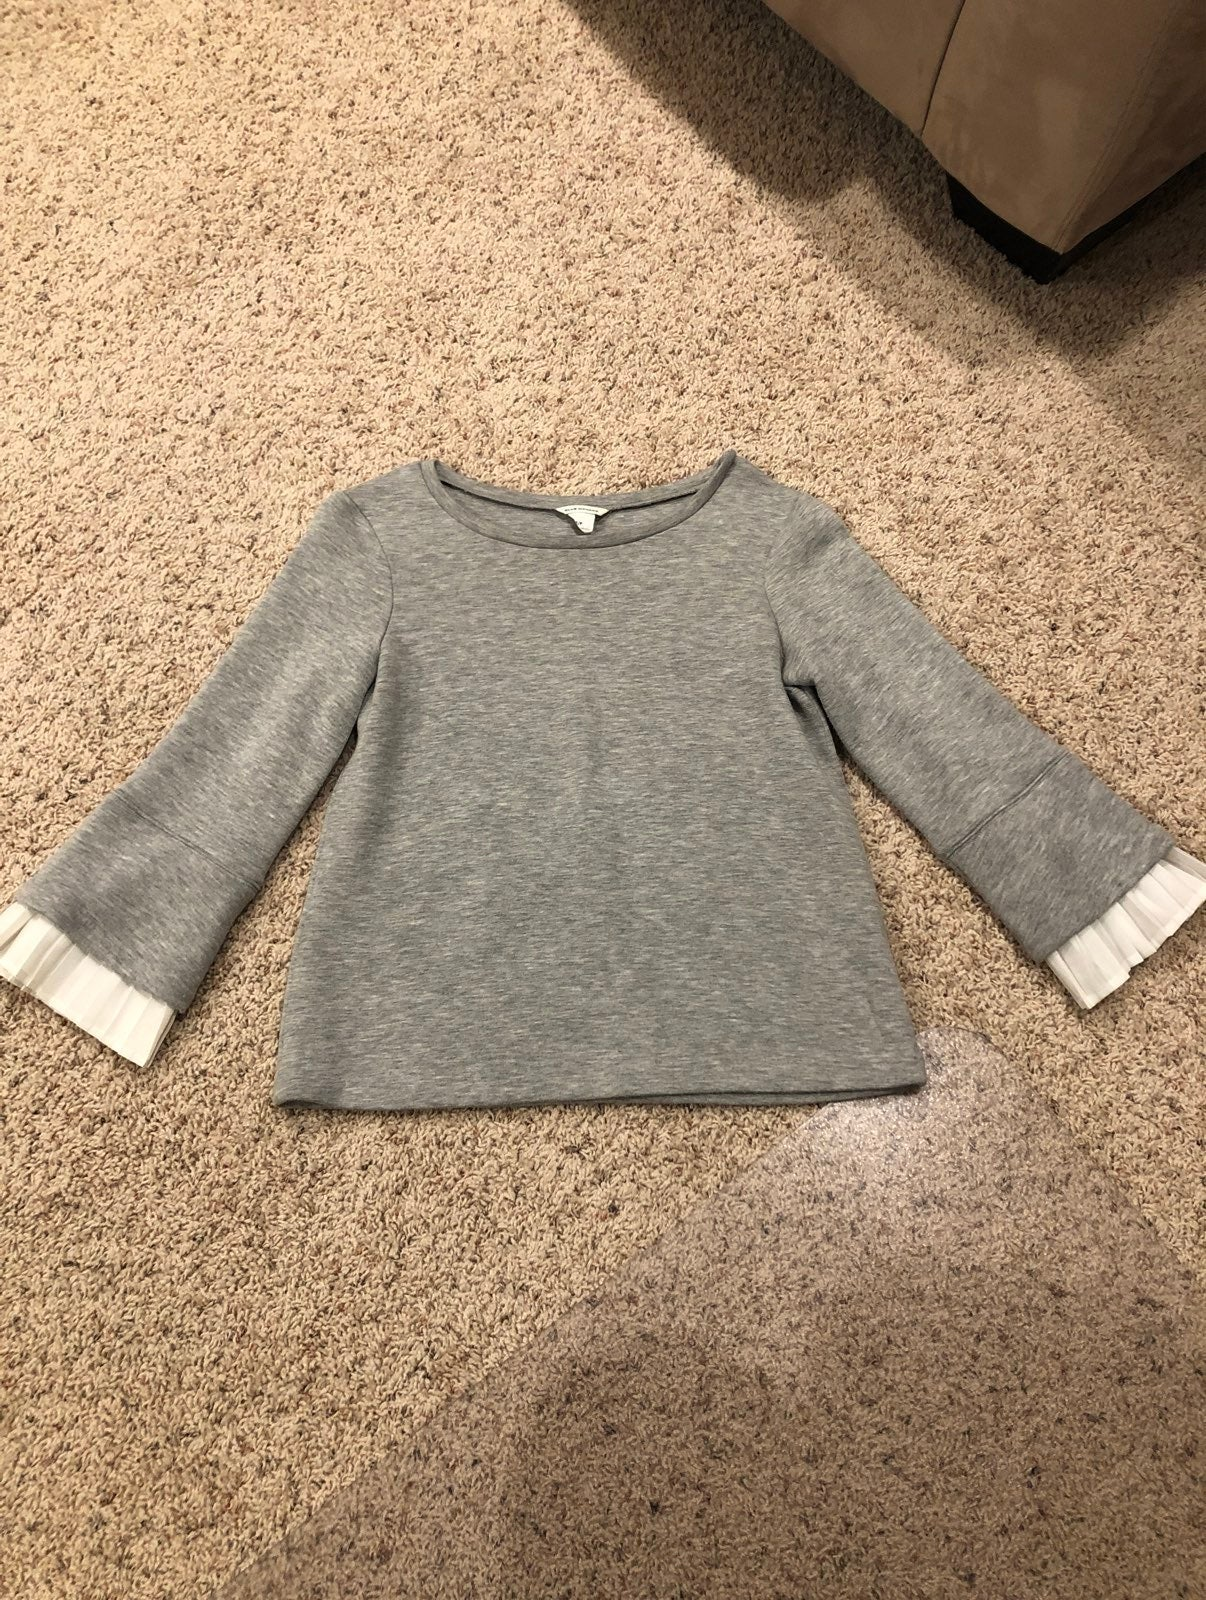 Club Monaco Sweatshirt with Ruffle Sleev